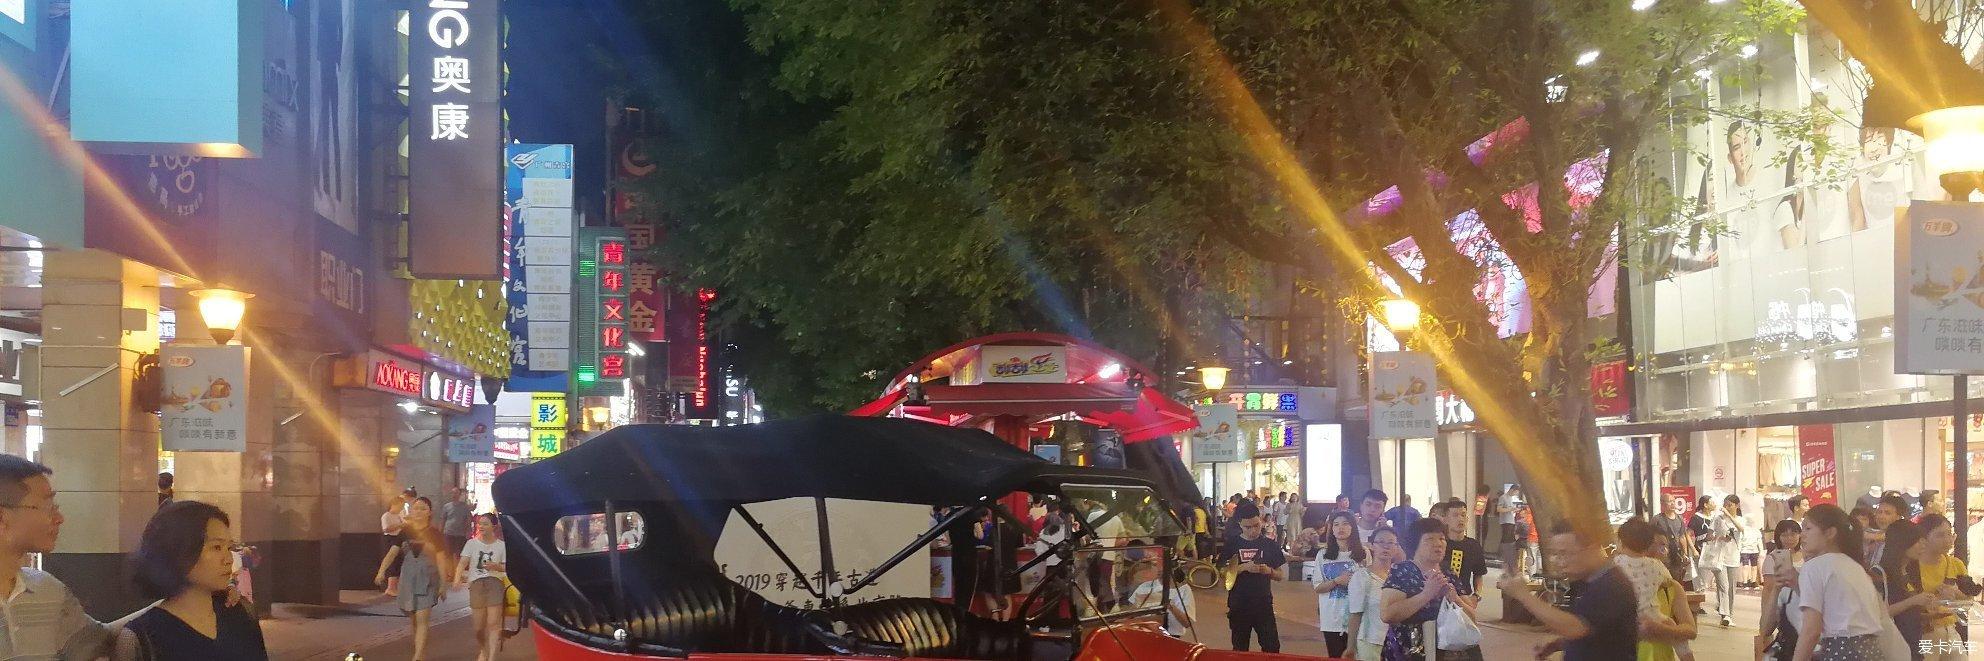 北京路步行街上的老爷车展